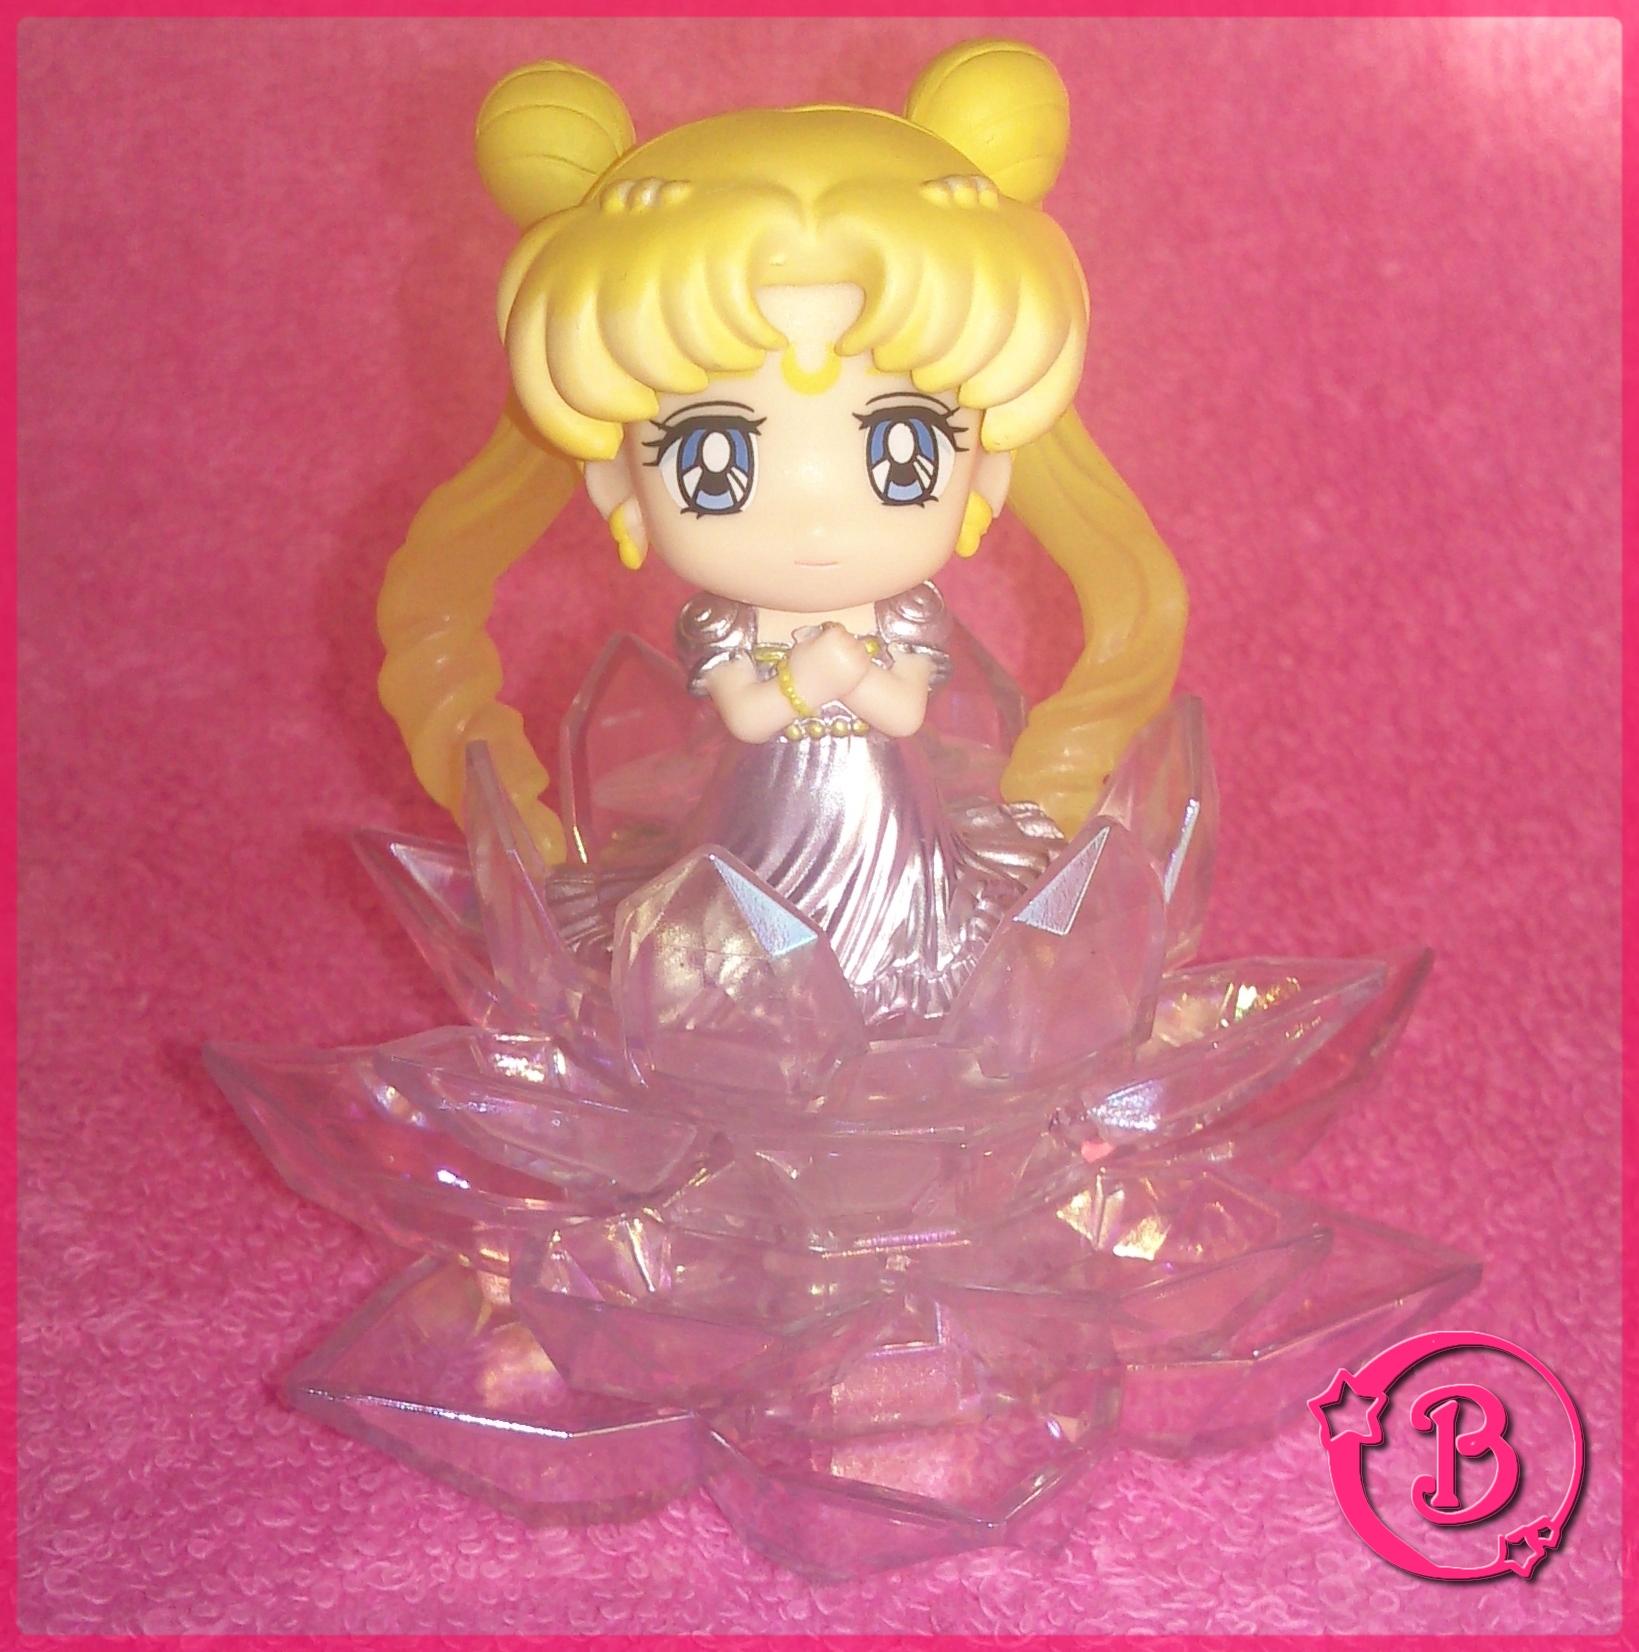 bishoujo_senshi_sailor_moon princess_serenity megahouse takeuchi_naoko petit_chara_land